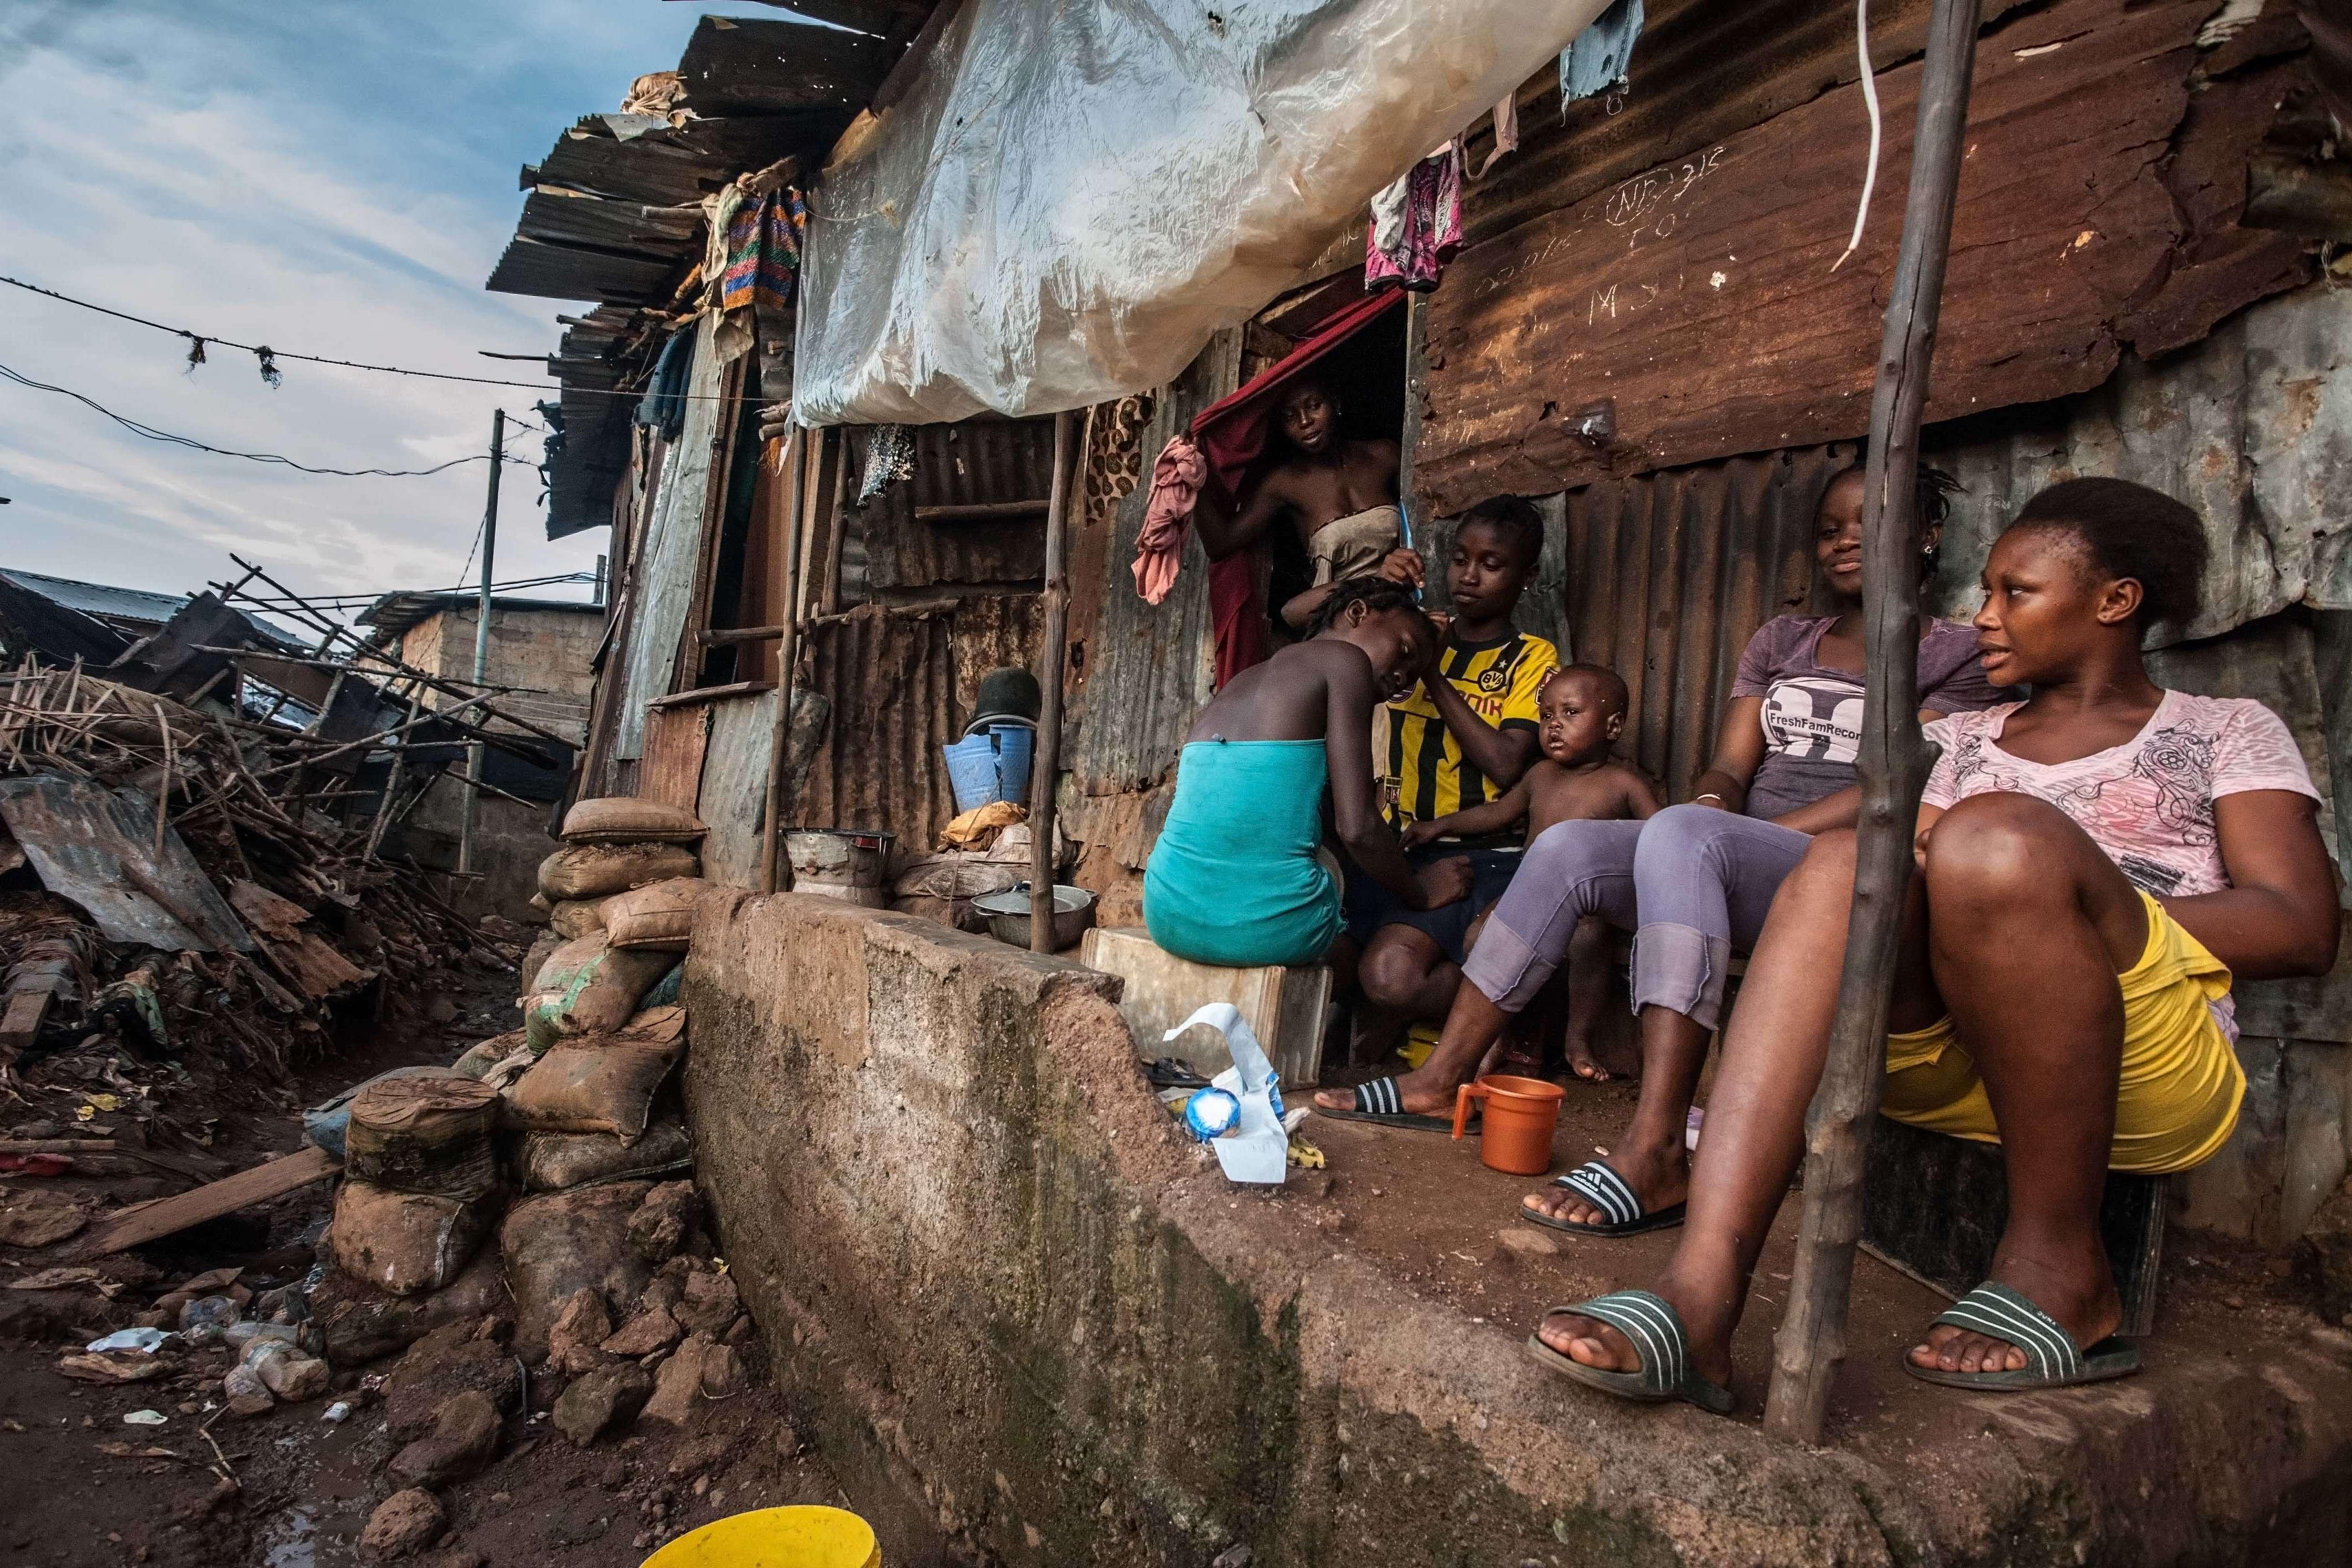 Des jeunes filles tressent leur chevelure avant de partir à l'école. « Il peut y avoir des foyers que l'on ne connaît pas et il faut donc rester vigilant, explique Jacob Maikere, chef de mission à Médecins sans frontières (MSF) en Sierra Leone.